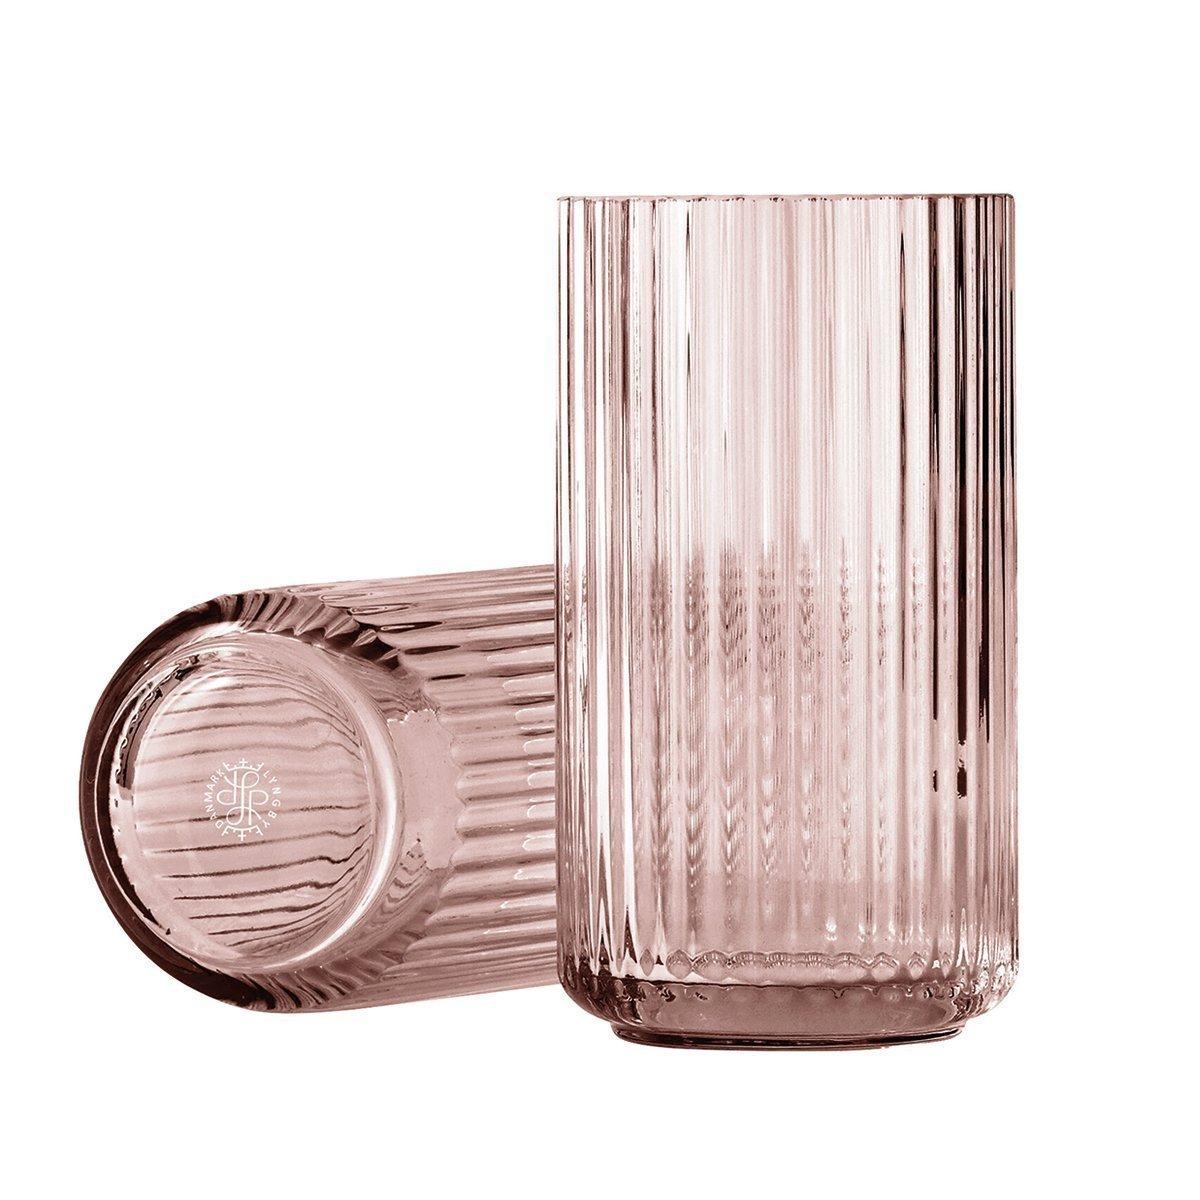 Lyngby Porcel�n Lyngby Vaas Glas - Burgundy - 20,5 cm.